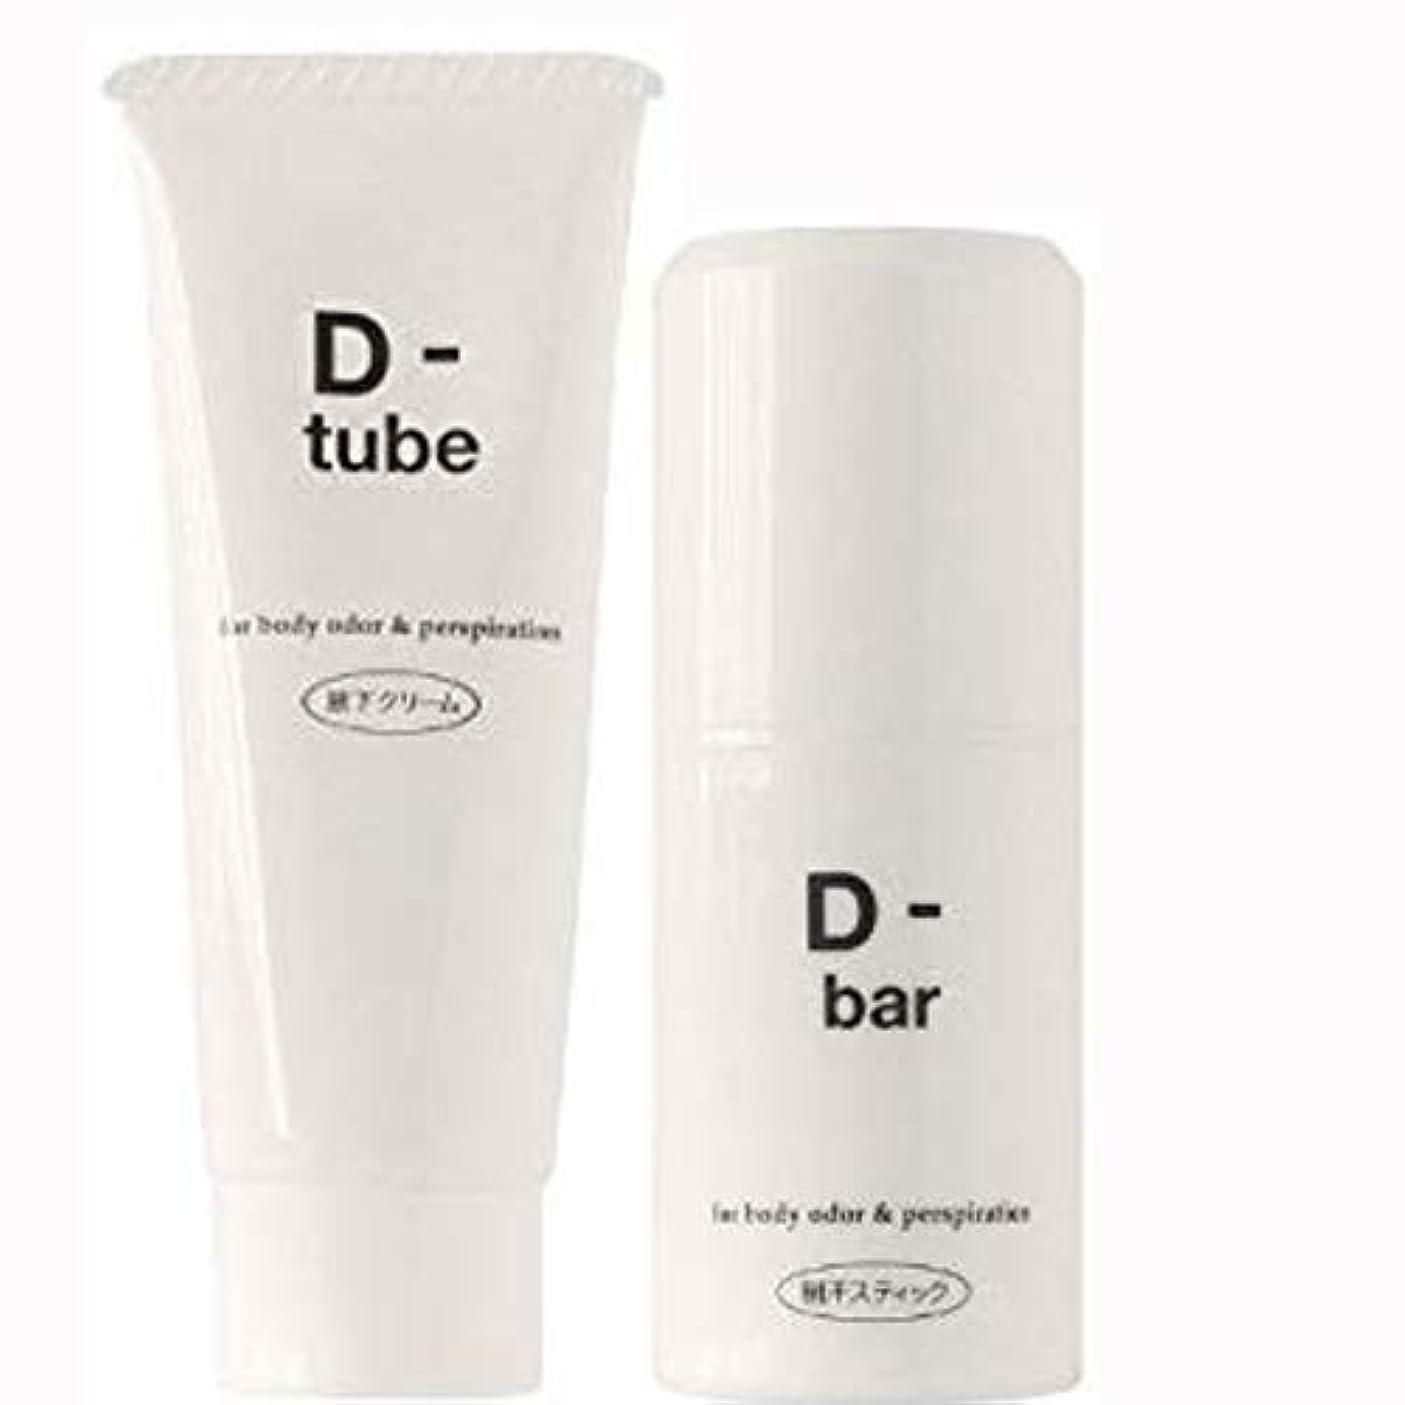 失効売る士気【セット】ディーチューブ(D-tube)+ディーバーセット(4511116760024+4511116760017)